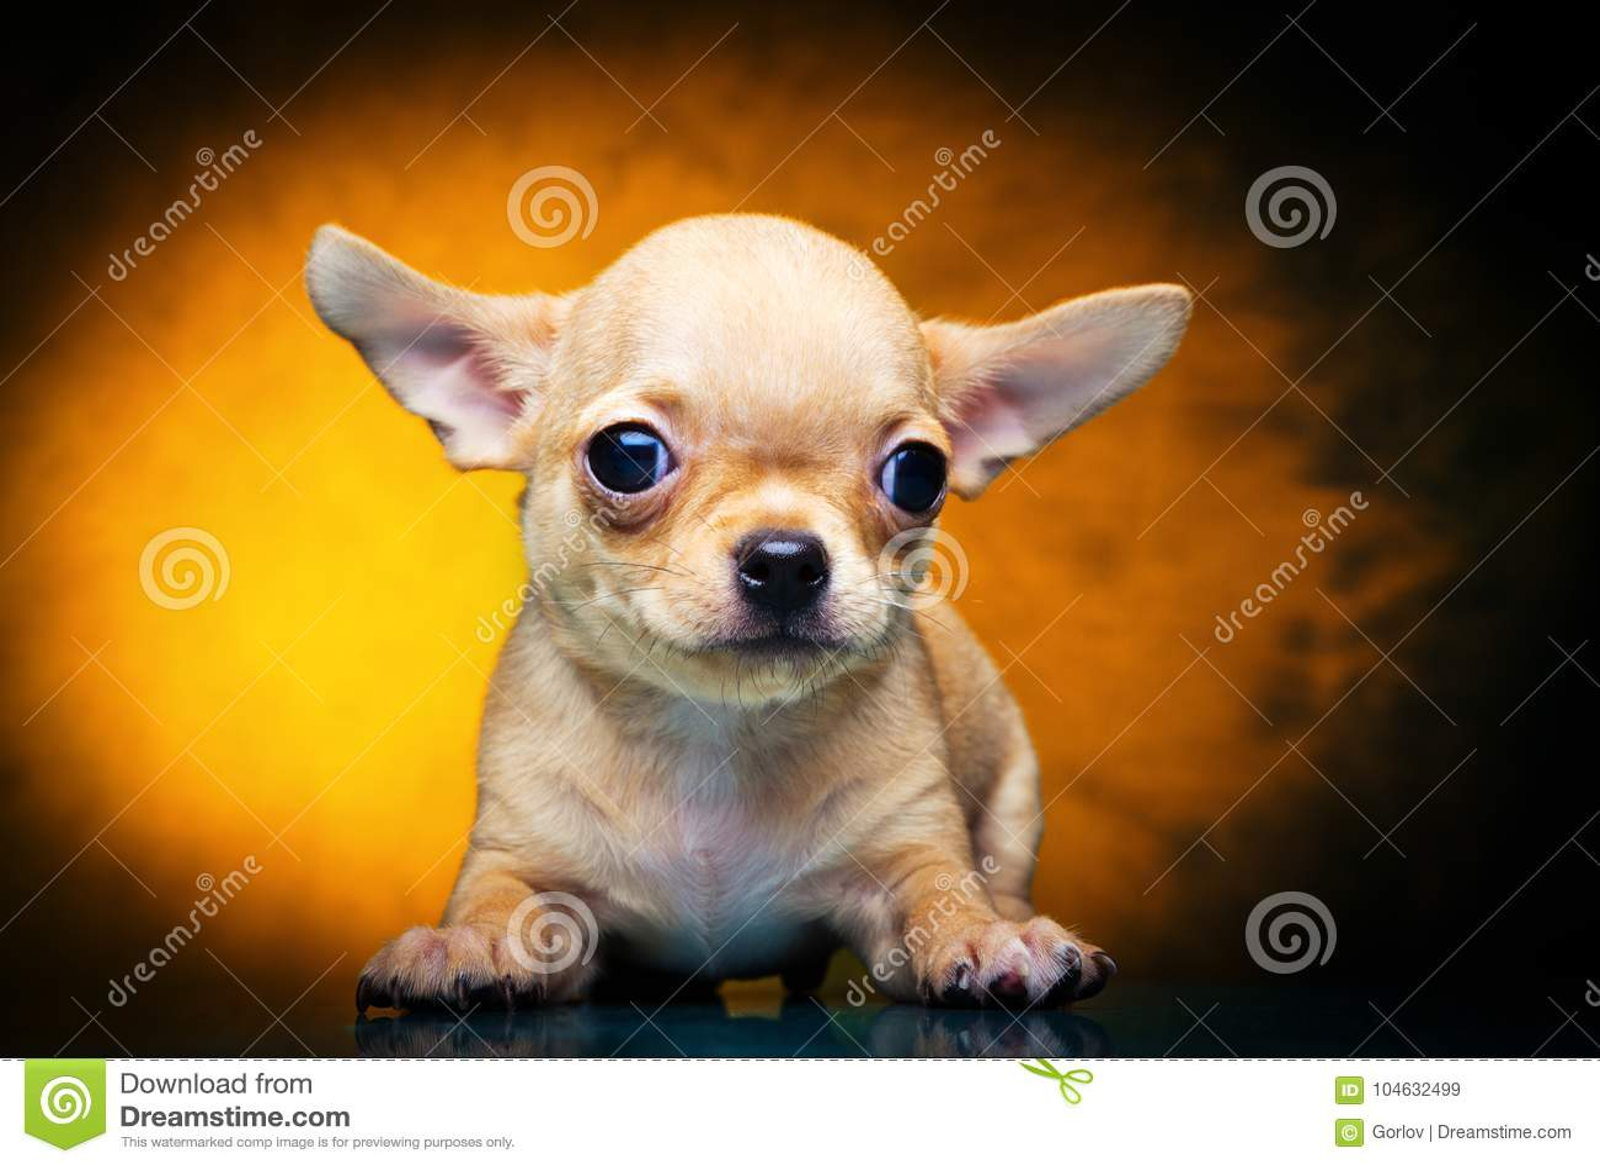 Download Het Puppyhond Van De Chihuahuababy In Studiokwaliteit Stock Afbeelding - Afbeelding bestaande uit vertebrate, hond: 104632499